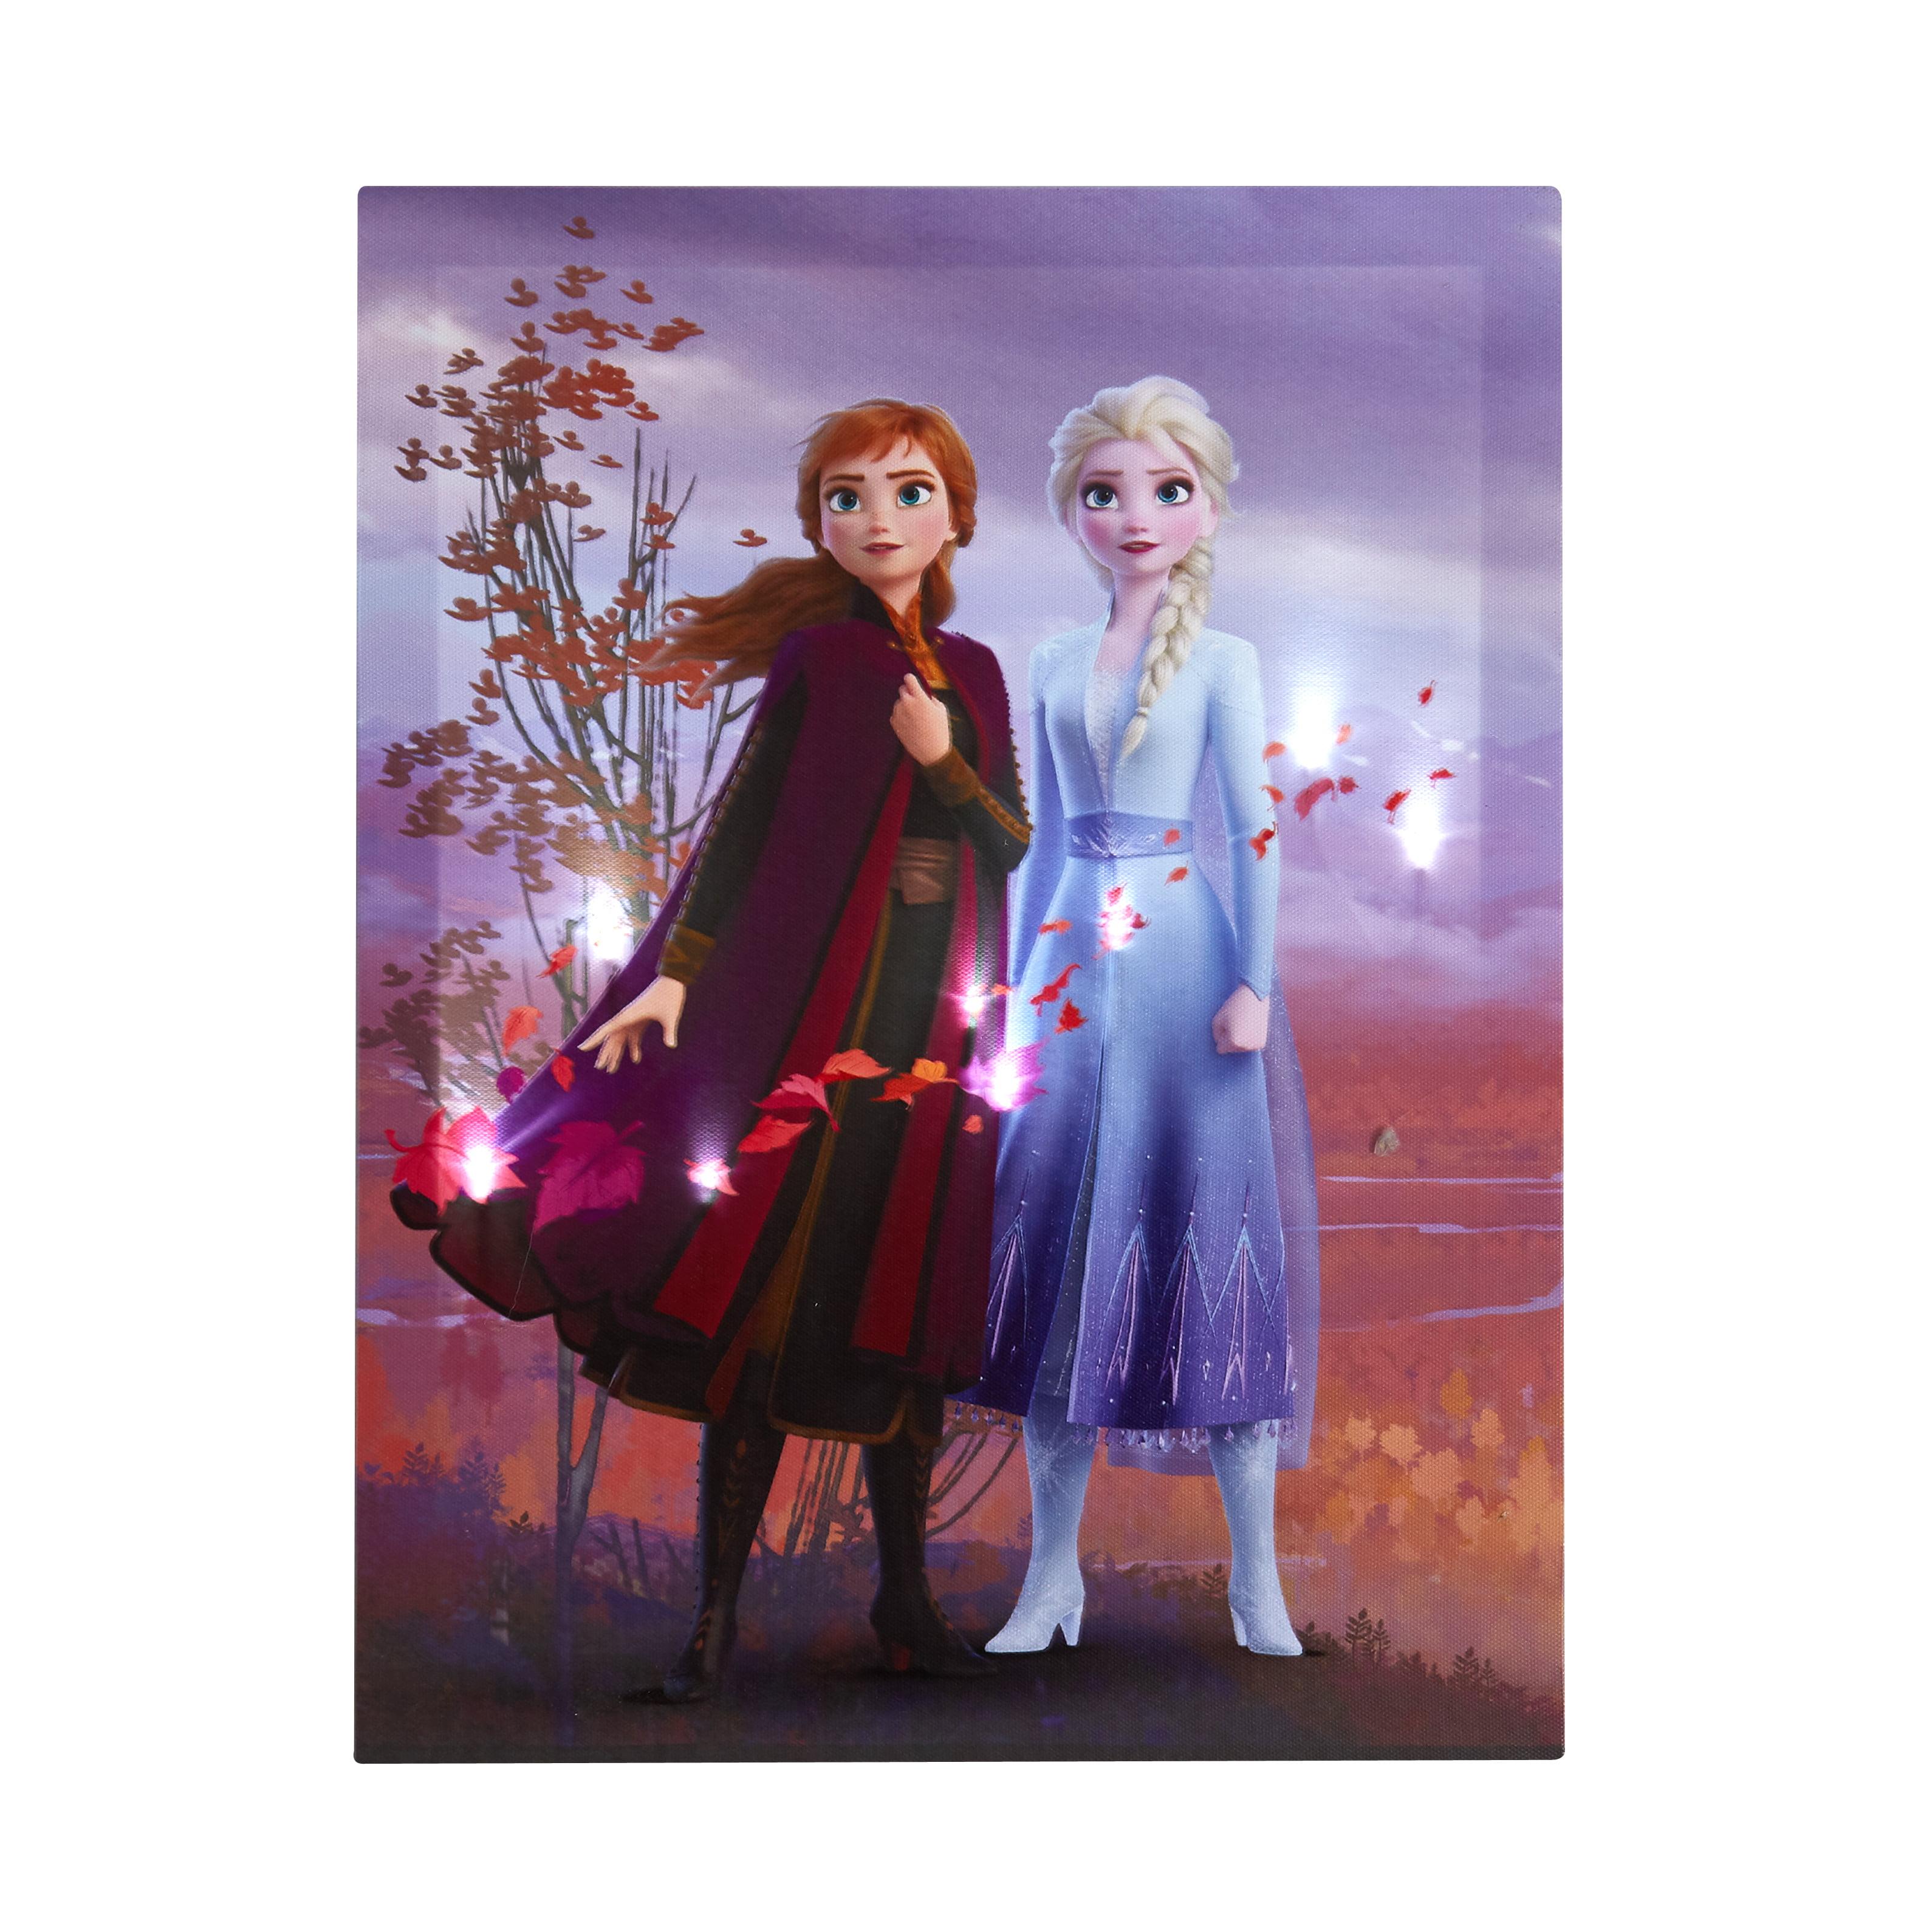 Disney Frozen 2 Led Canvas Wall Art Feat Elsa Amp Anna